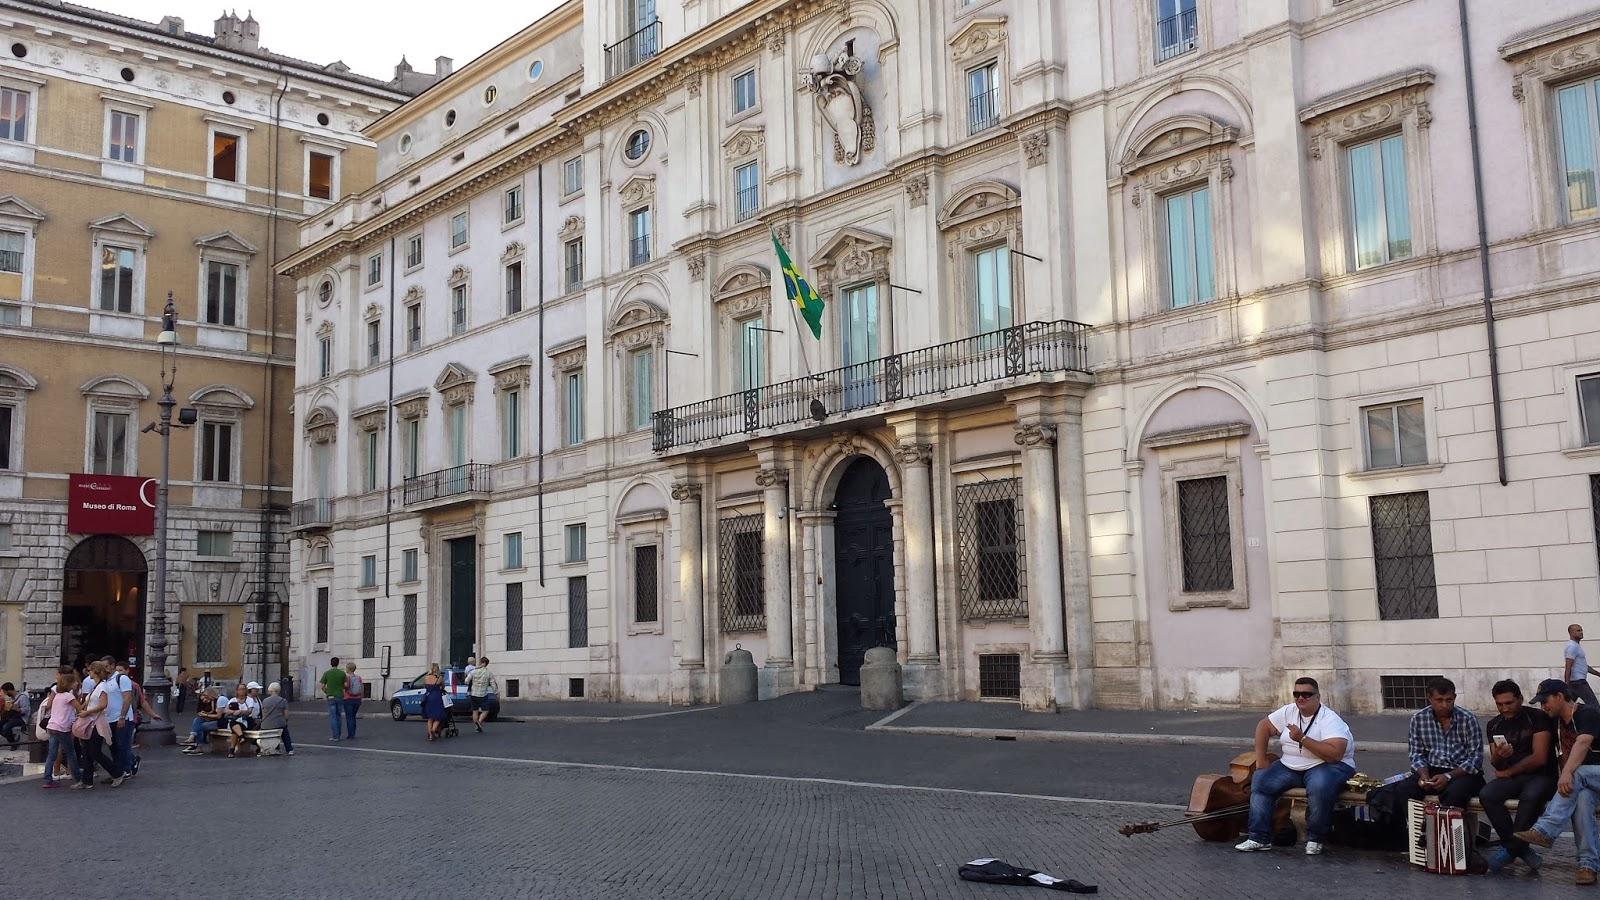 Blog do Cadeirante: Cadeirante na Itália Roma #4E6F7D 1600x900 Banheiro Adaptado Restaurante